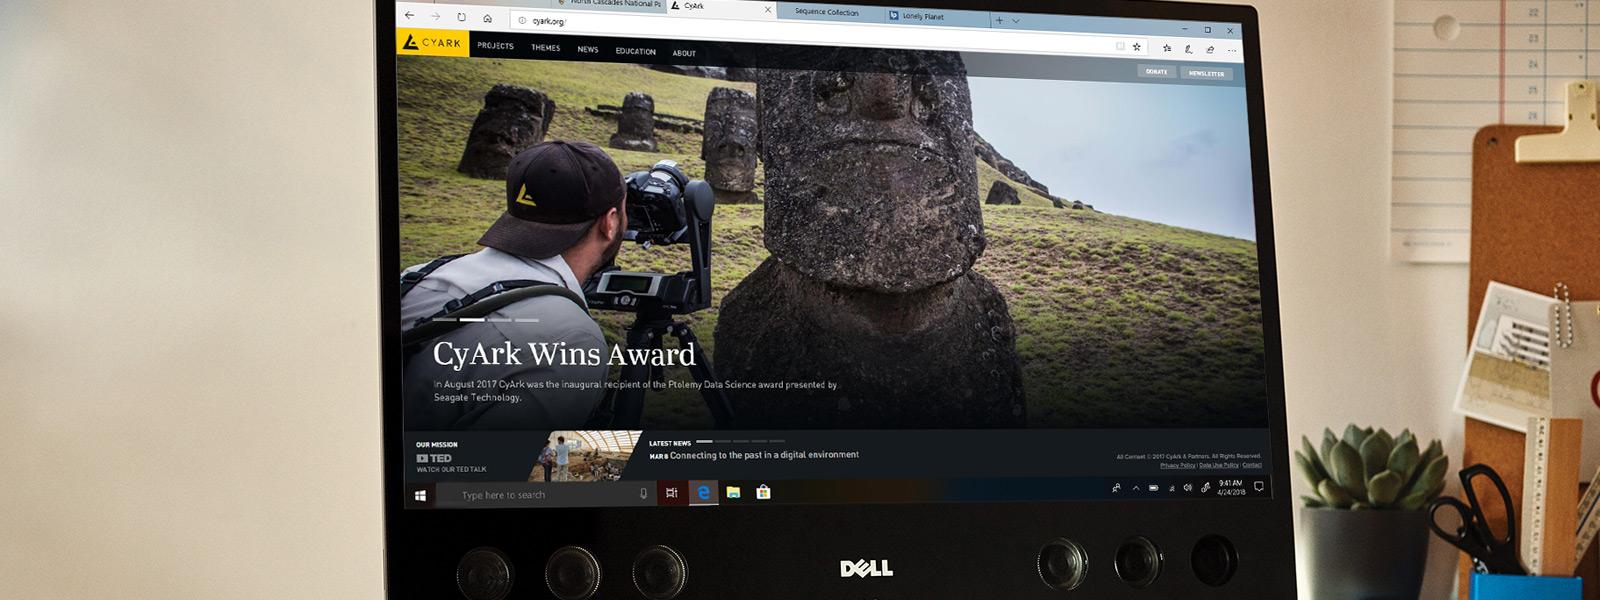 Työpöydällä tietokoneen näyttö, jonka Microsoft Edge -selaimessa näkyy 4K Ultra HD -video